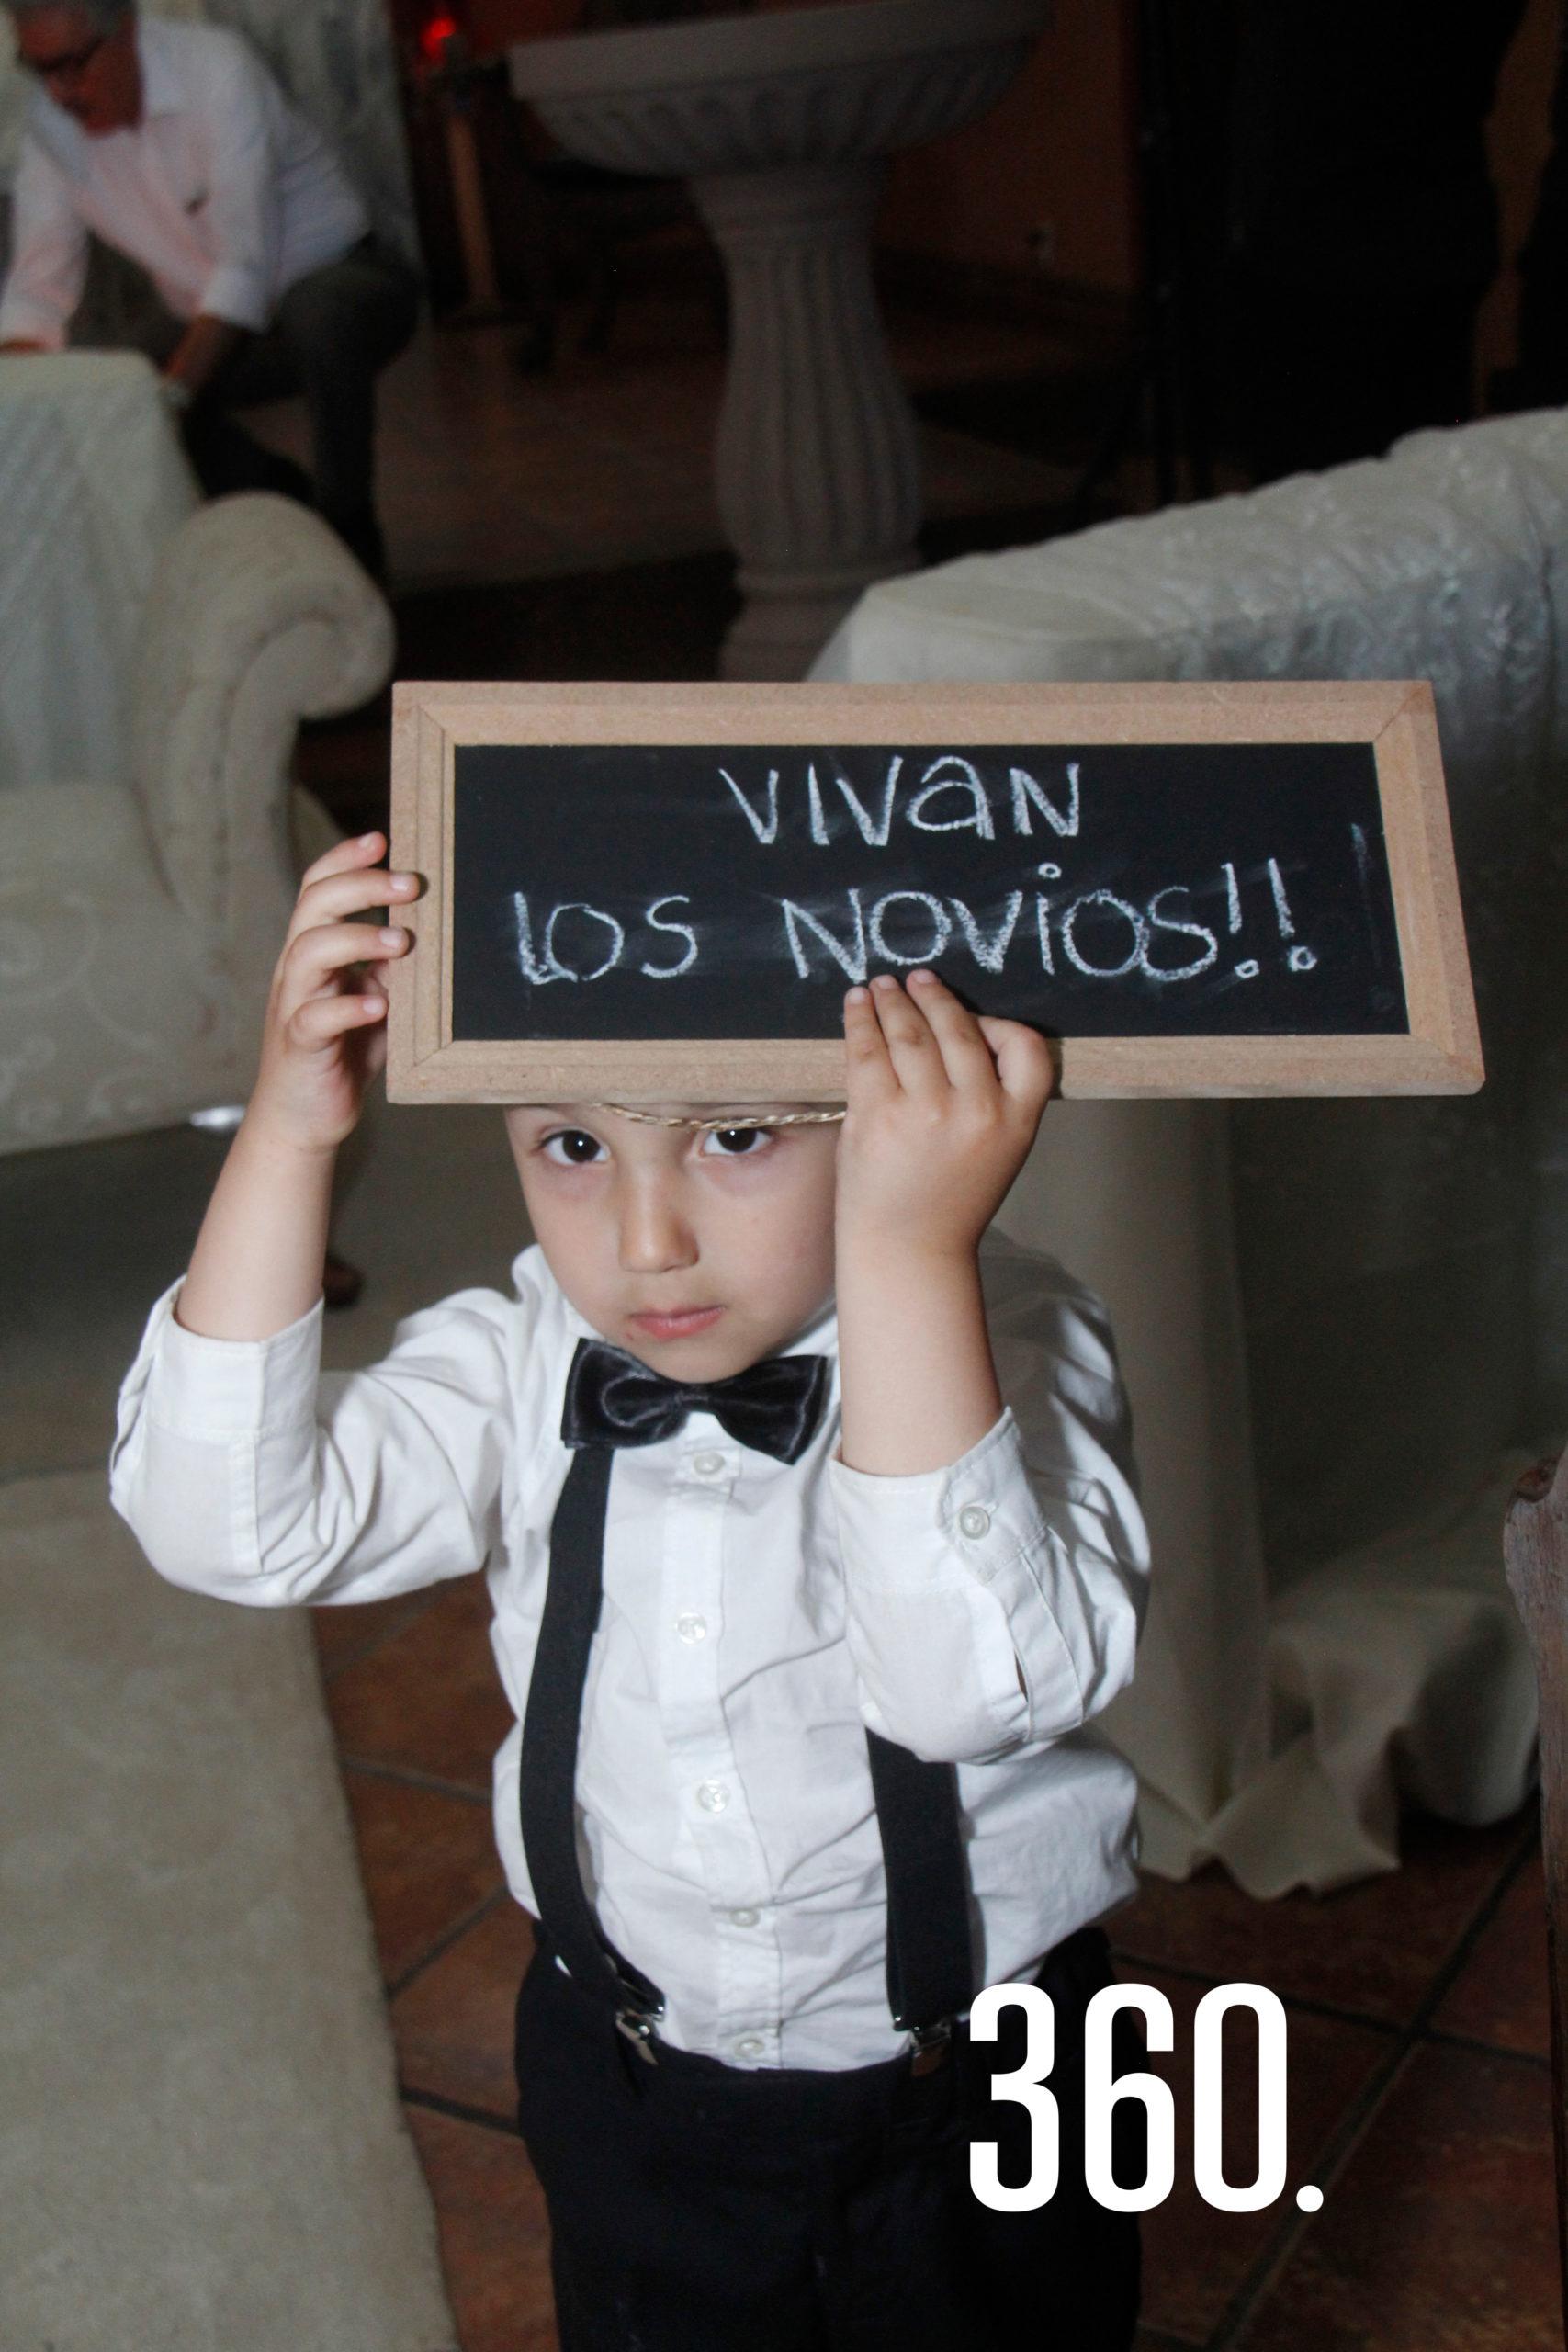 """""""Vivan los novios"""", se leía en el letrero que llevó Roberto Rendón Peart."""